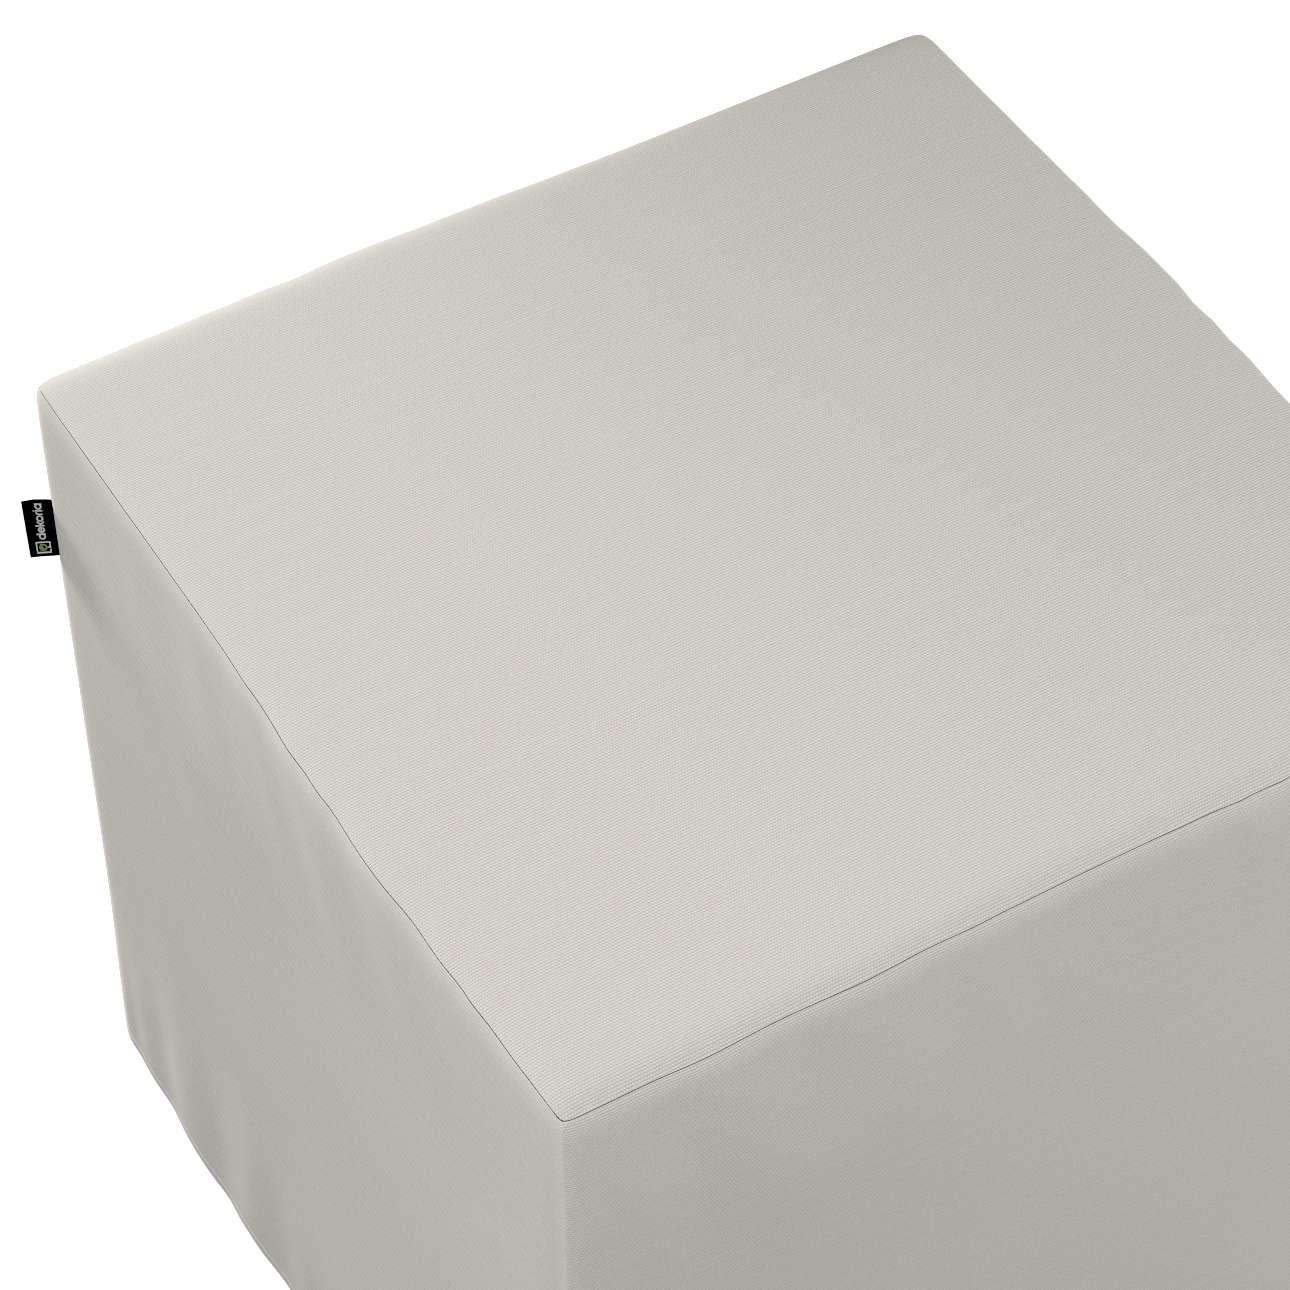 Pokrowiec na pufę kostkę w kolekcji Cotton Panama, tkanina: 702-31